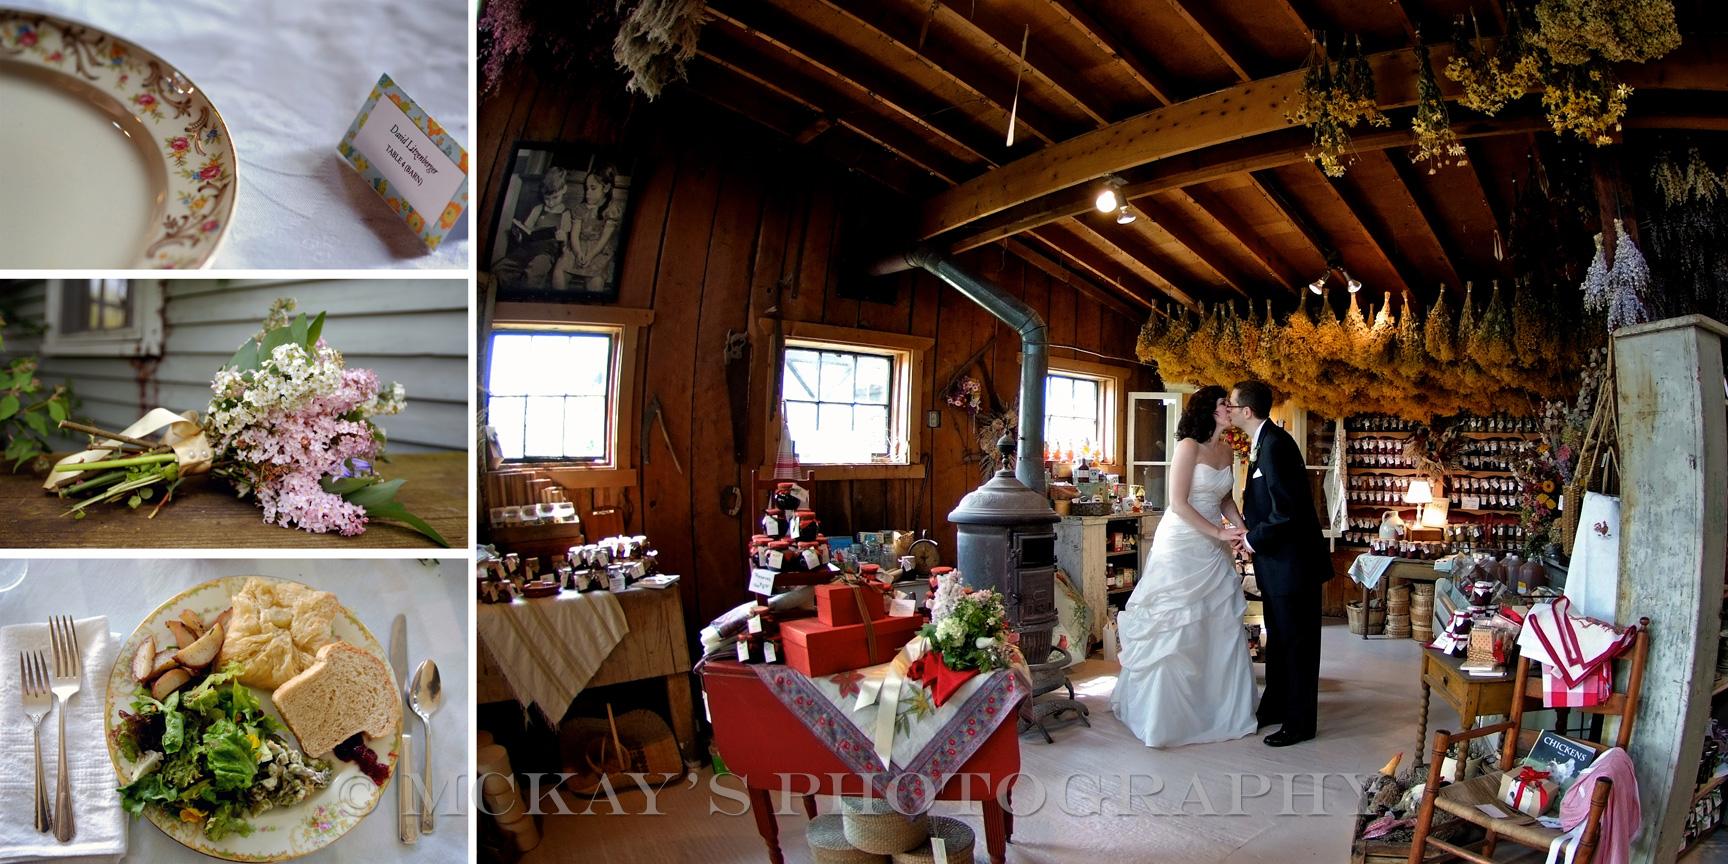 Hurd Orchards barn wedding venue near Rochester and Buffalo NY